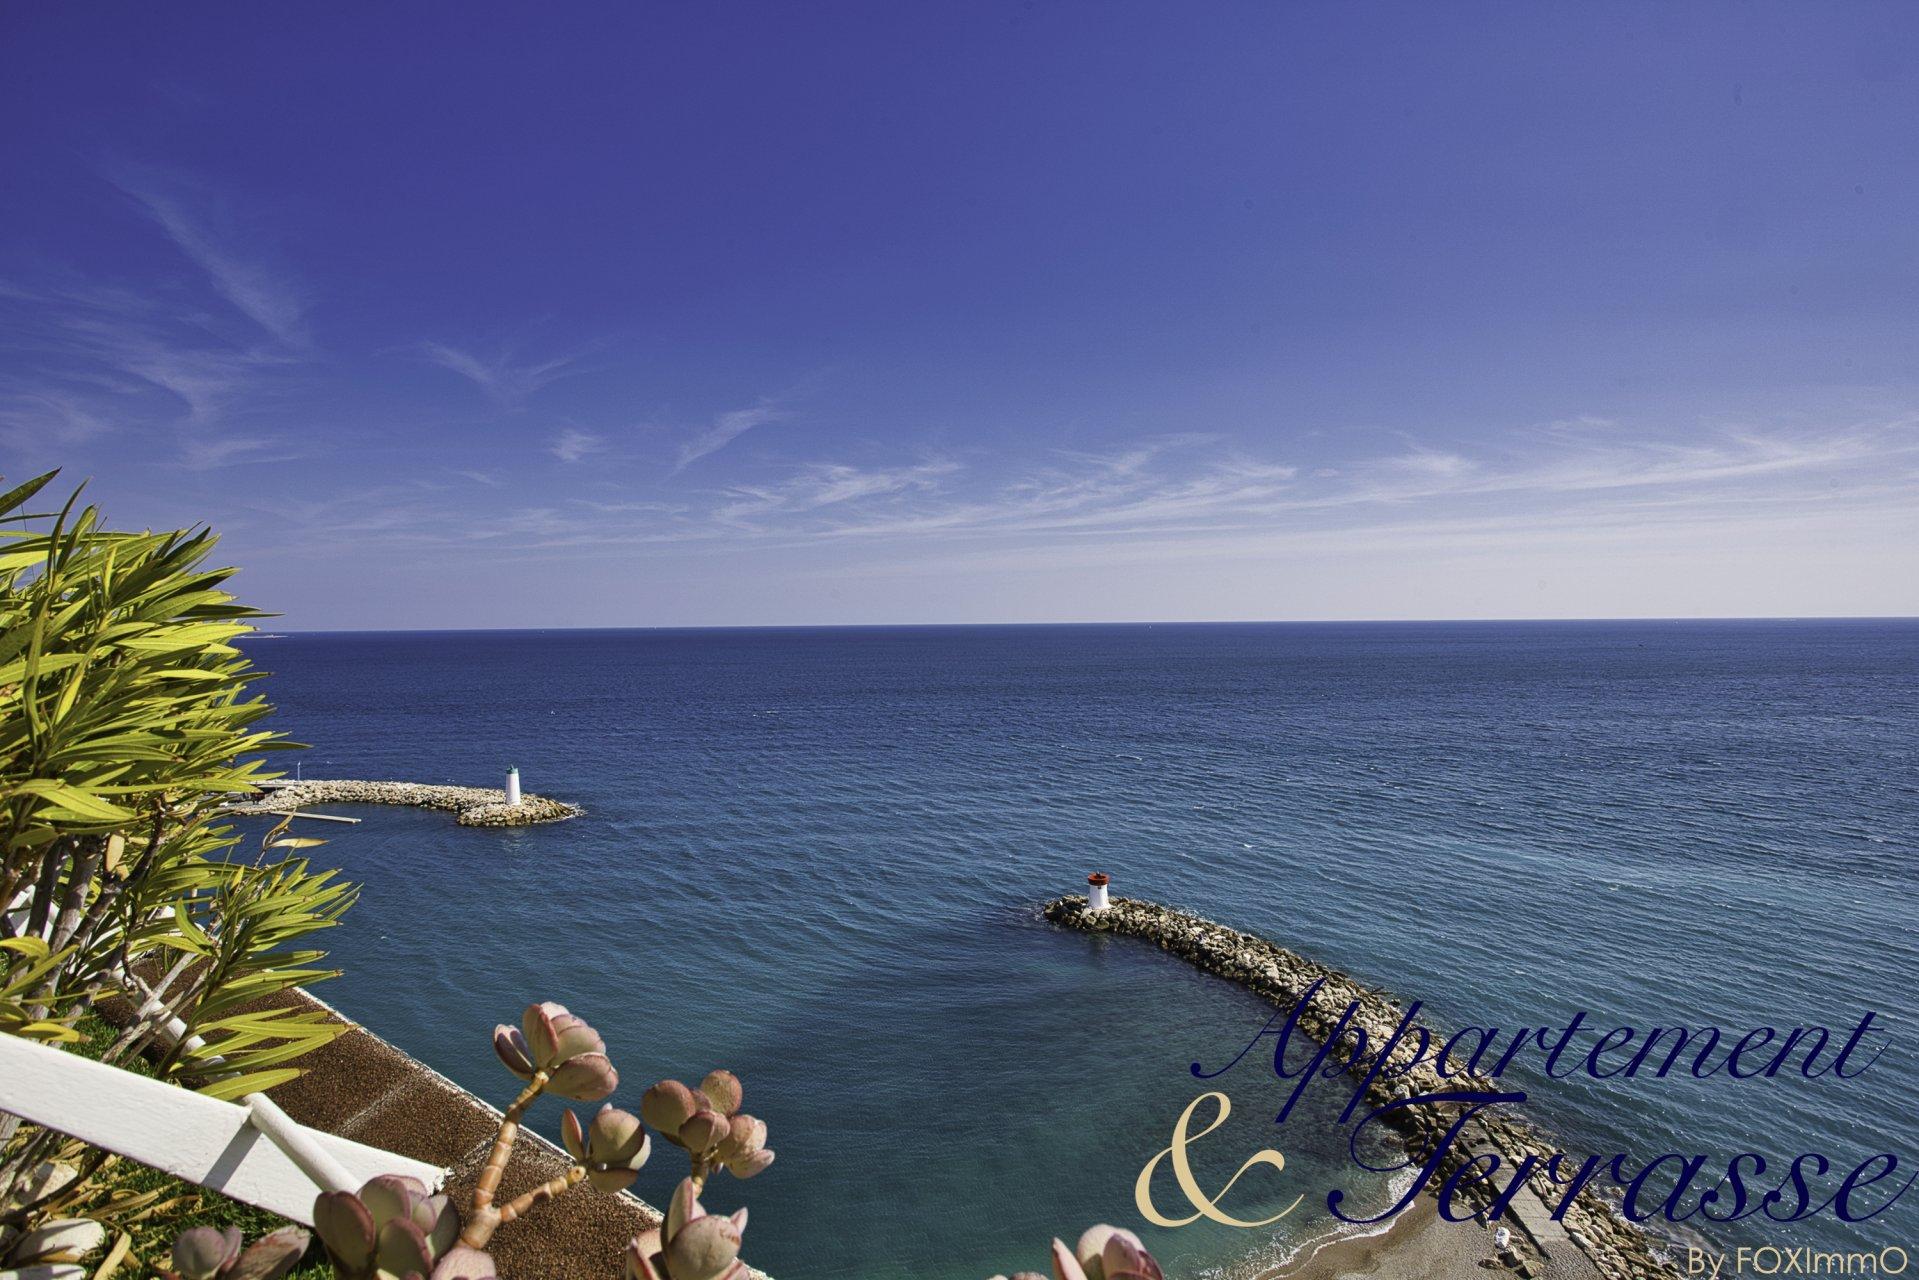 Sulla Costa Azzurra, Marina Baie des anges, bellissimo appartamento in piano alto con vista panoramica sul mare